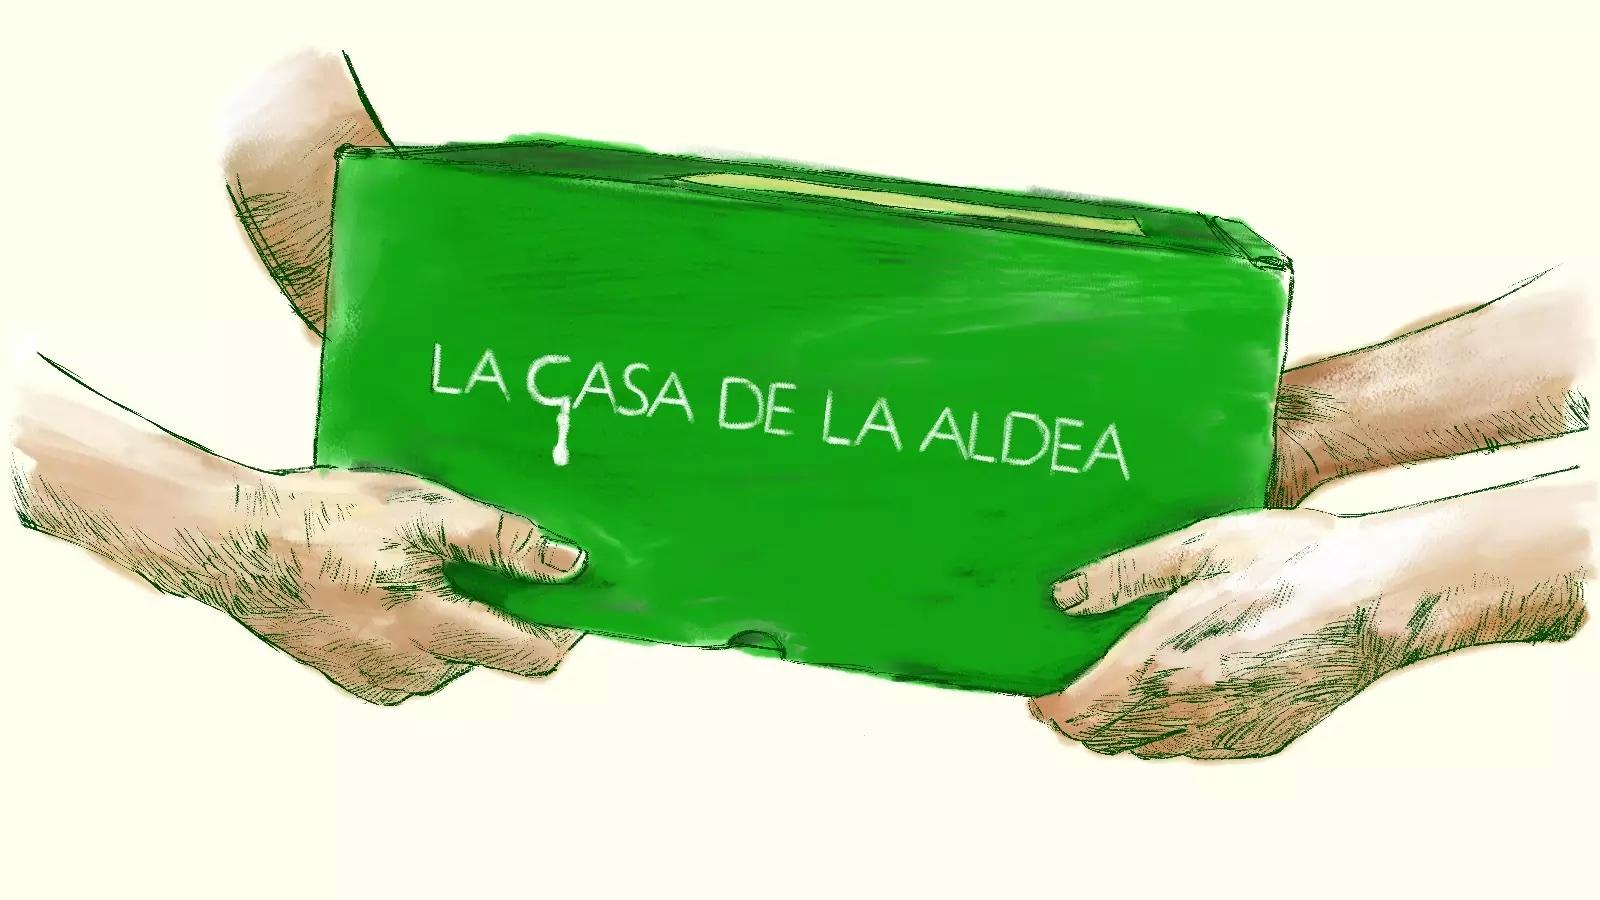 Ilustración de una caja de LA CASA DE LA ALDEA siendo entregada a domicilio